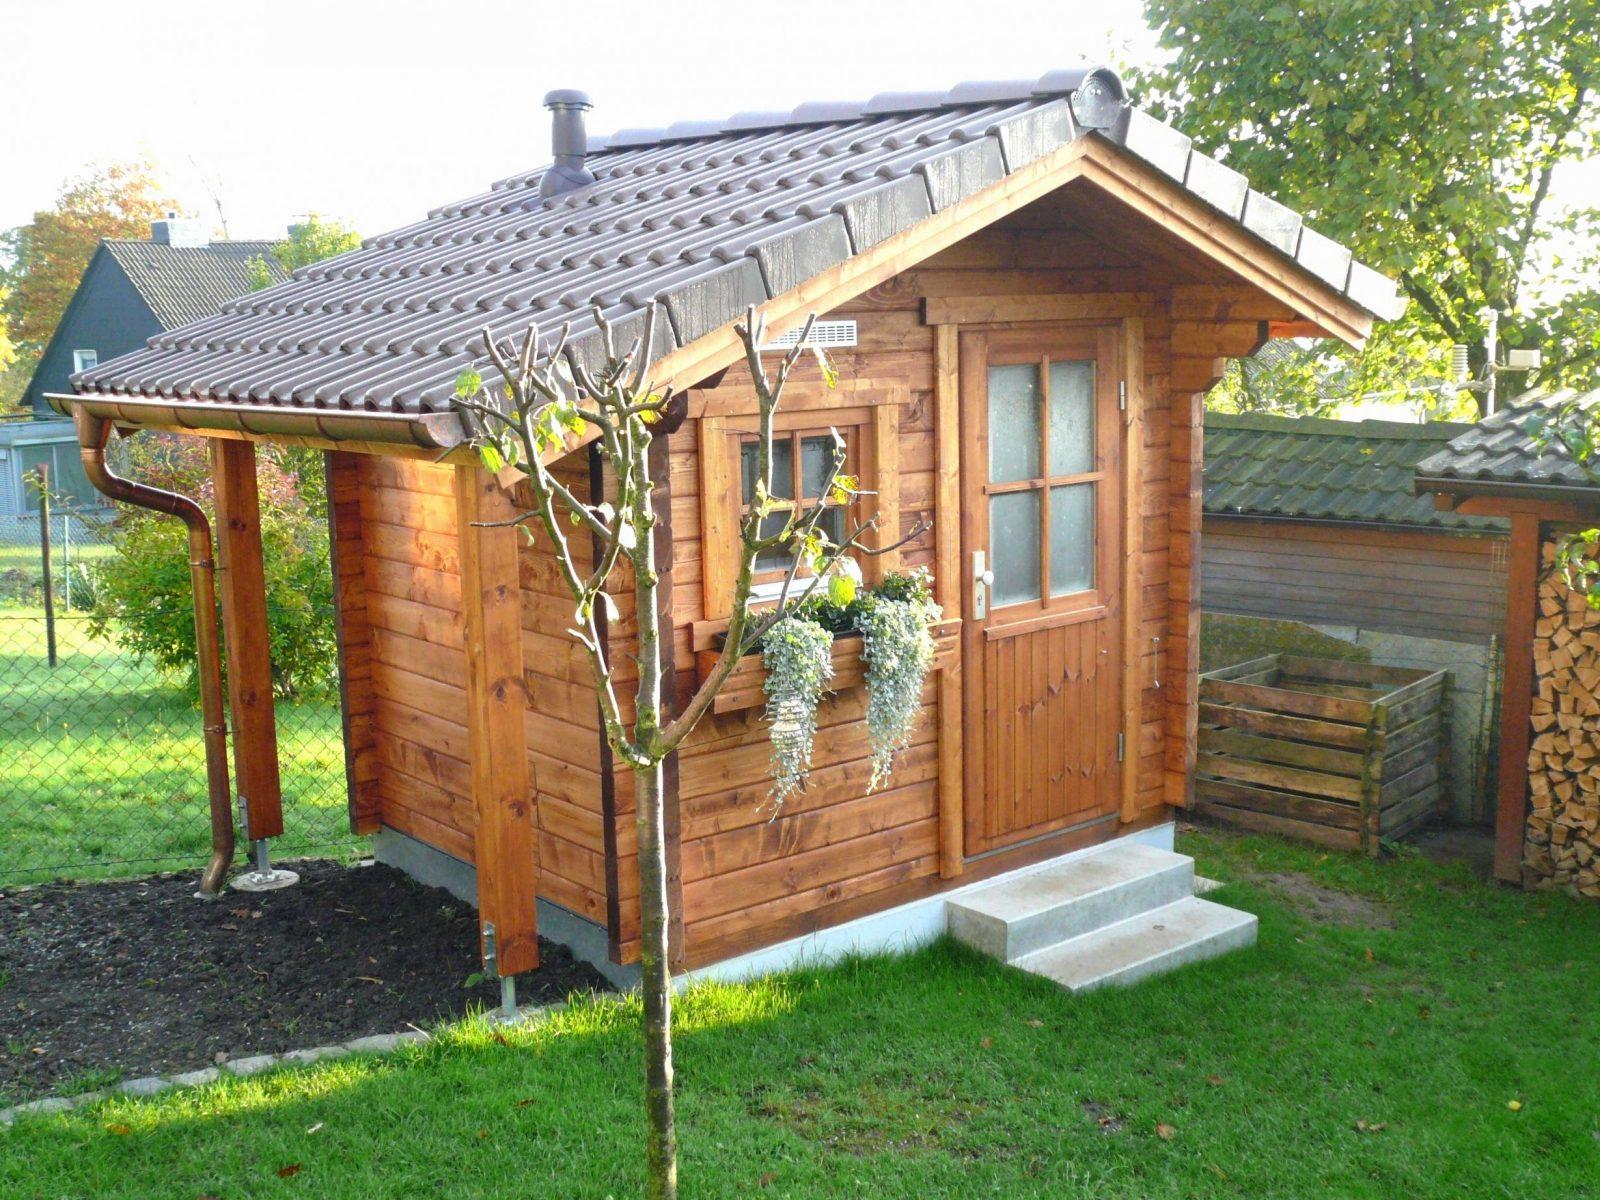 Blockhaus Gartenhaus Selber Bauen Das Beste Von Gartenhaus Bauen Für von Blockhaus Selber Bauen Kosten Photo